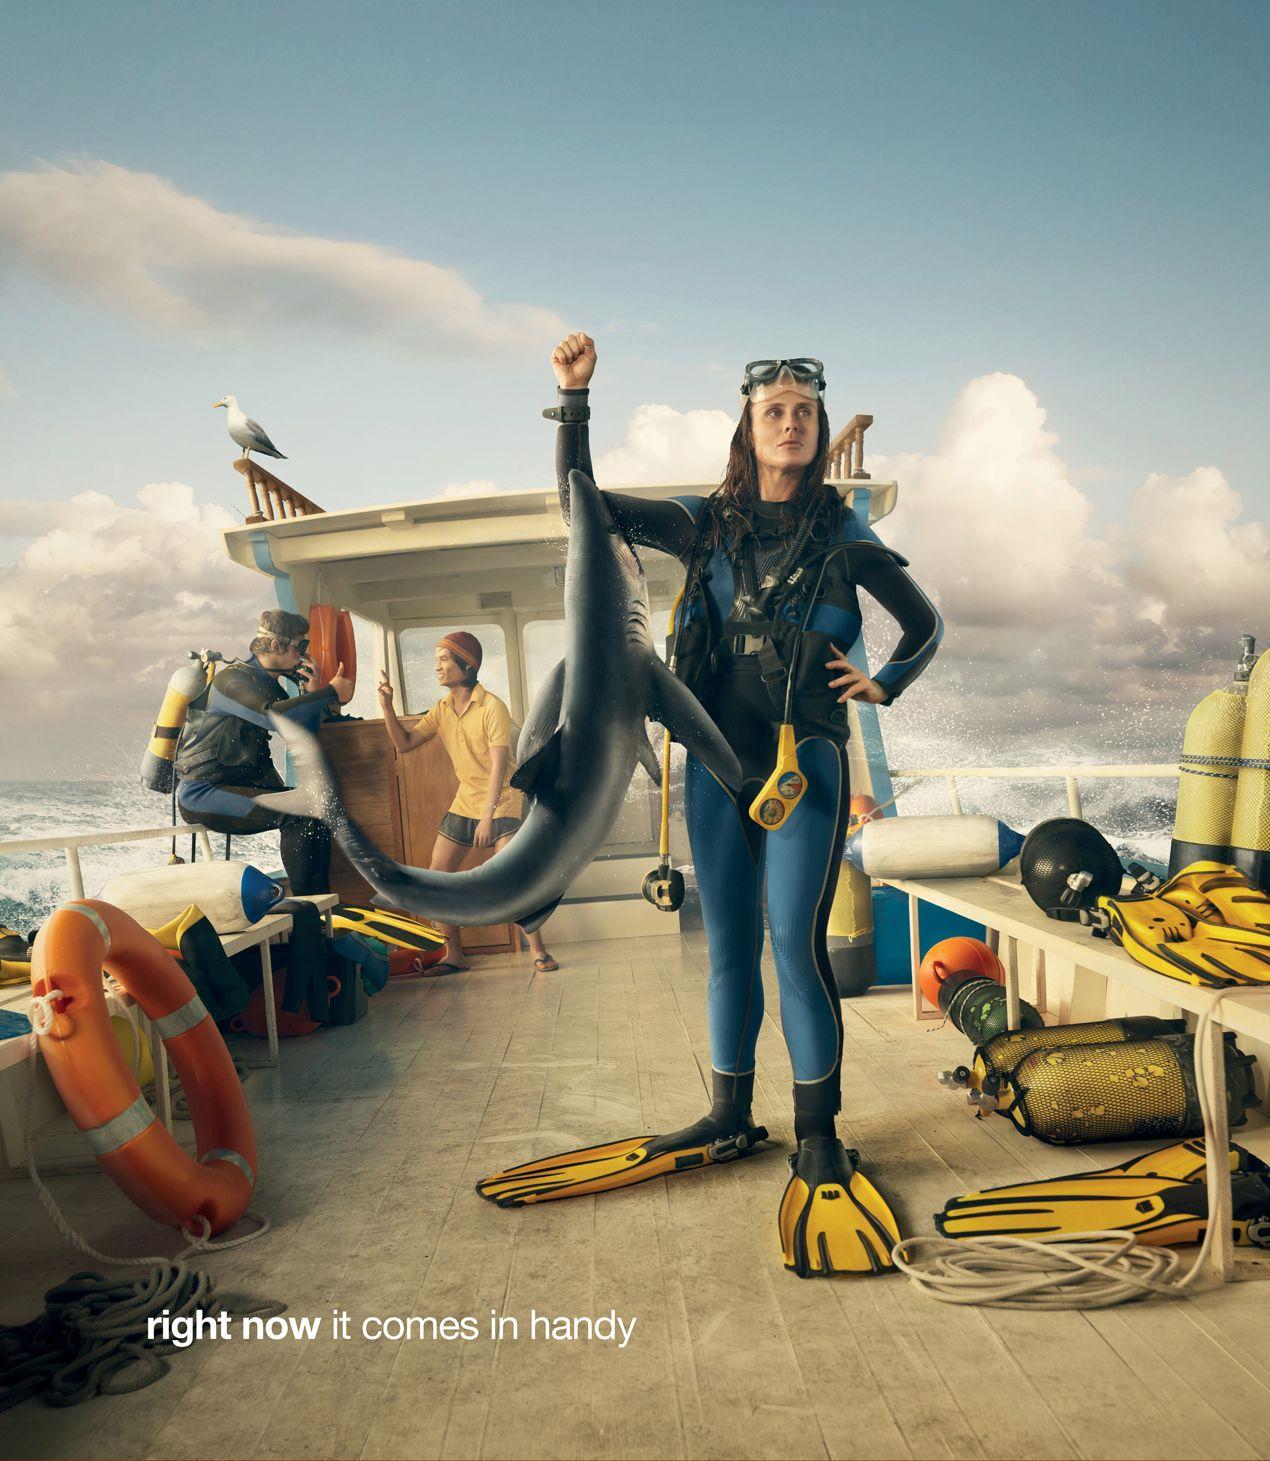 1 (94) Travel insurance ads, Travel insurance, Insurance ads